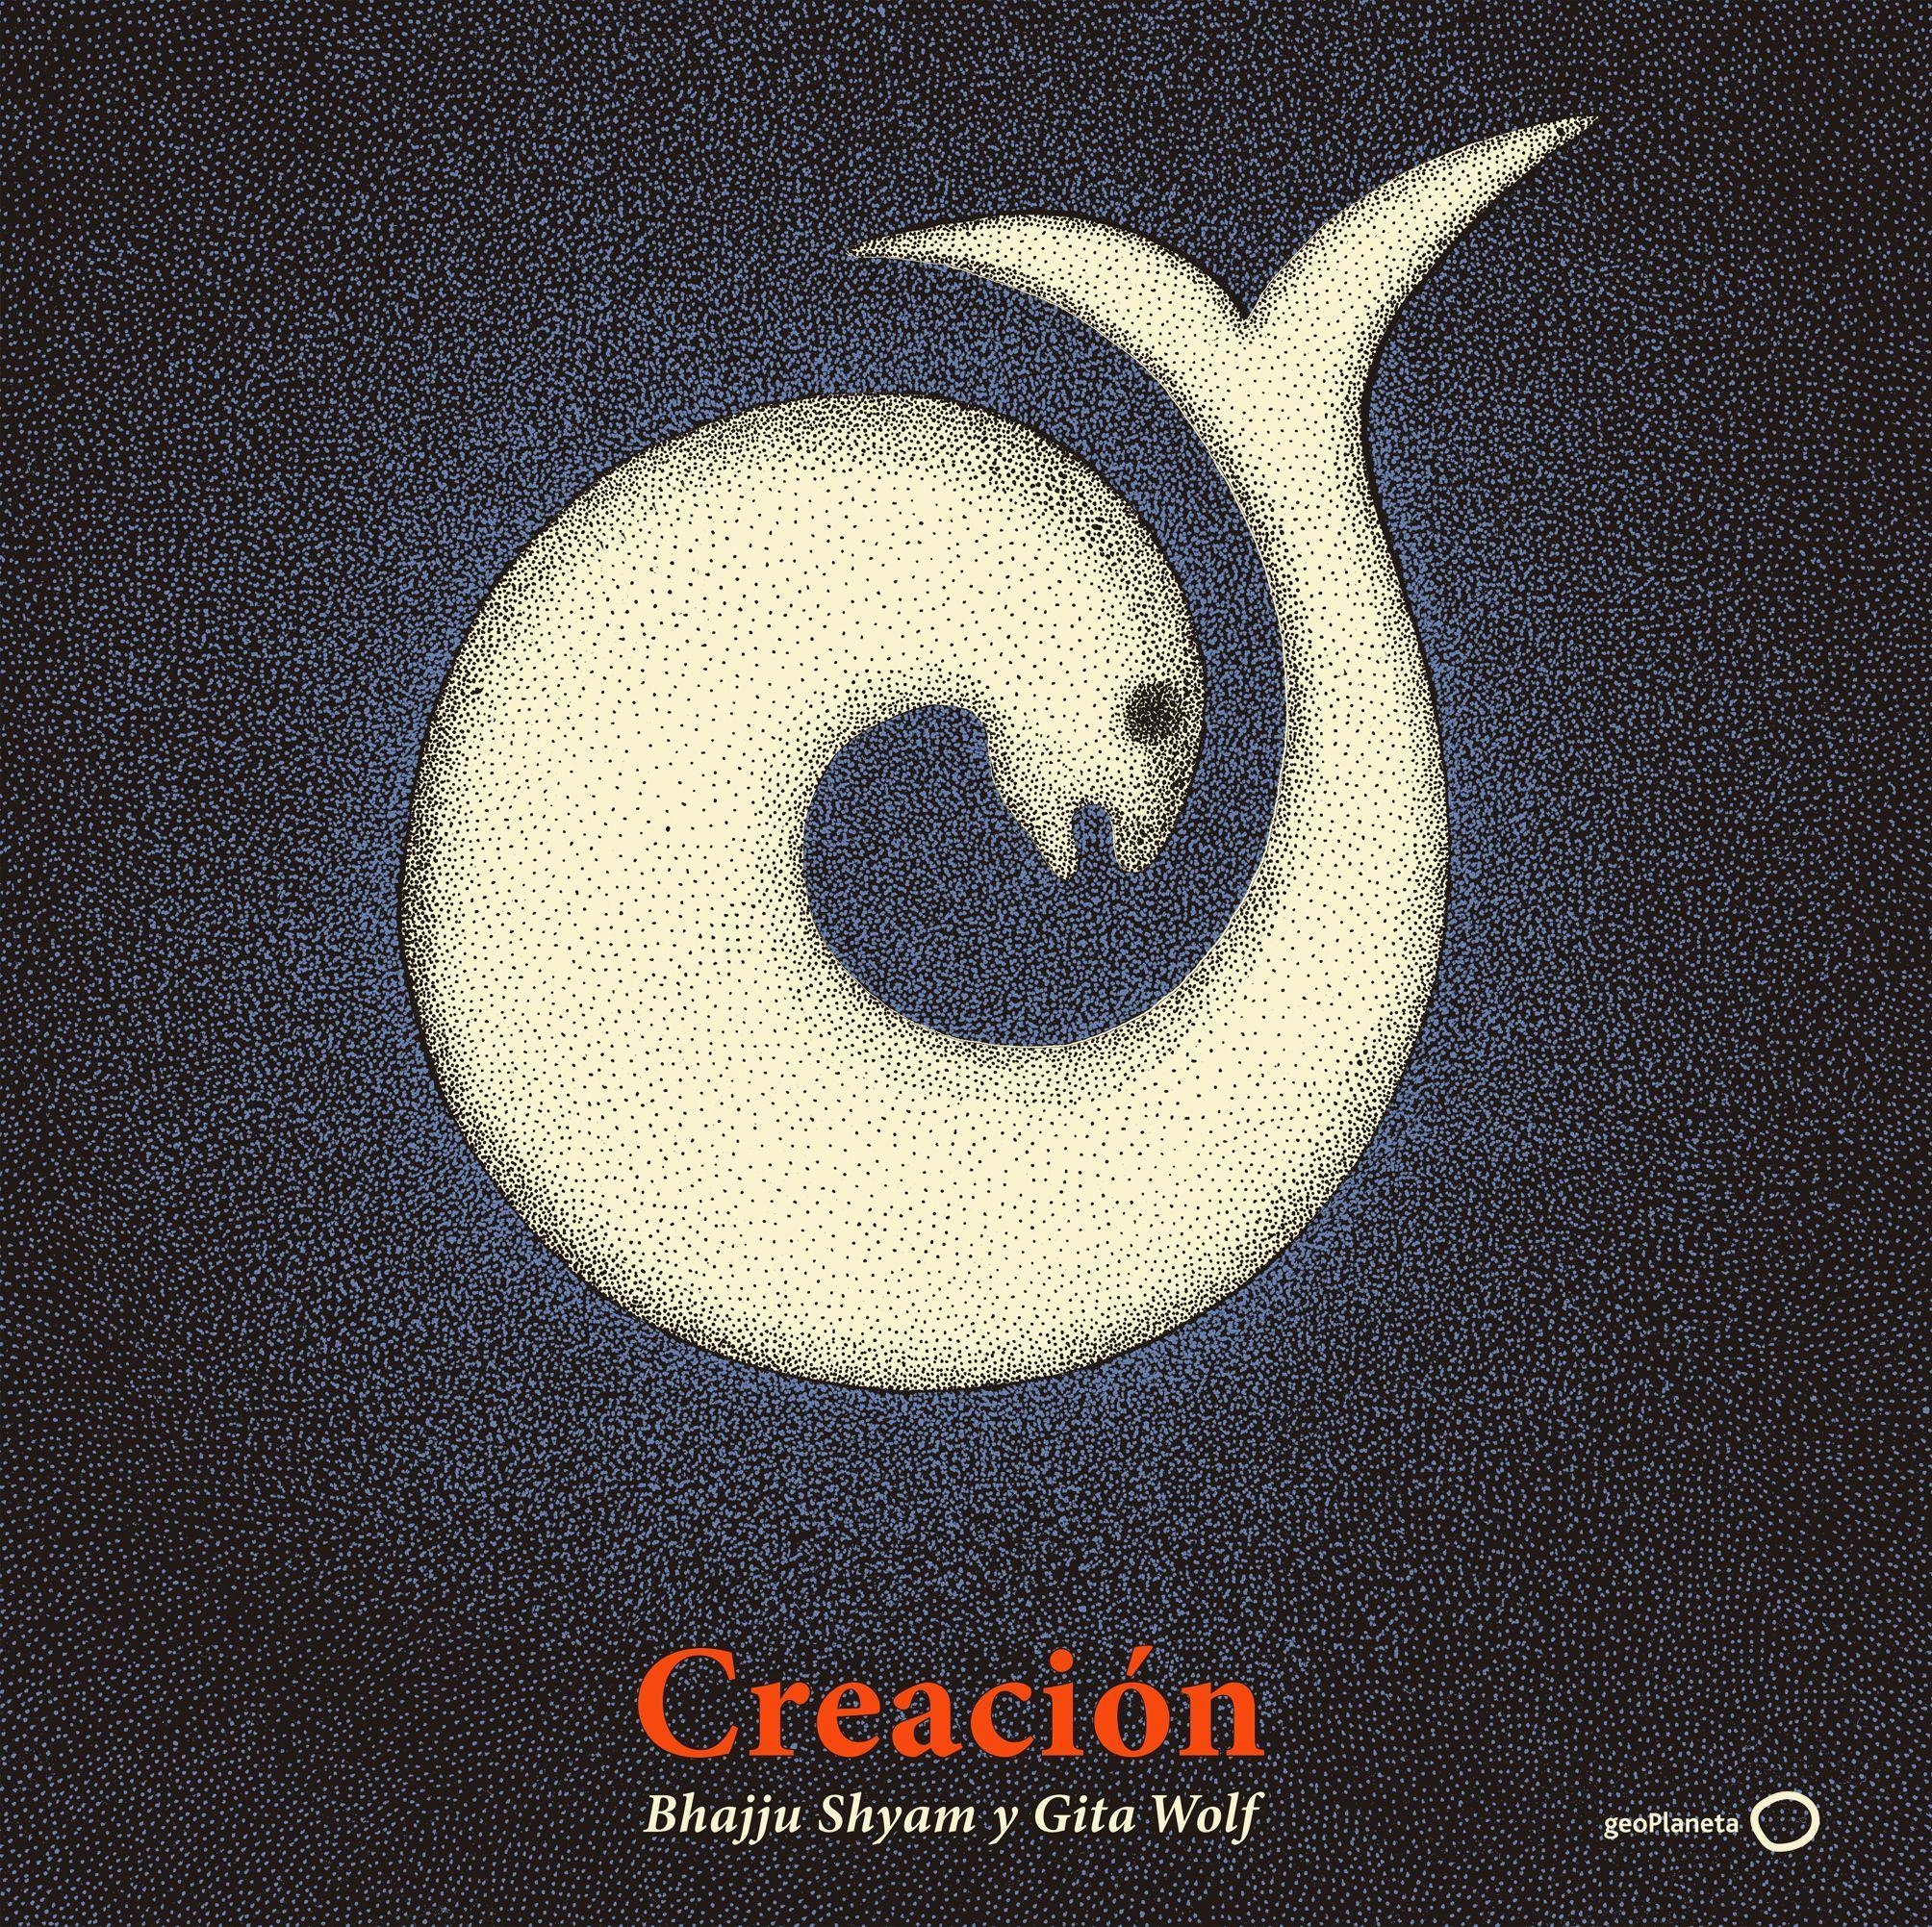 CREACION